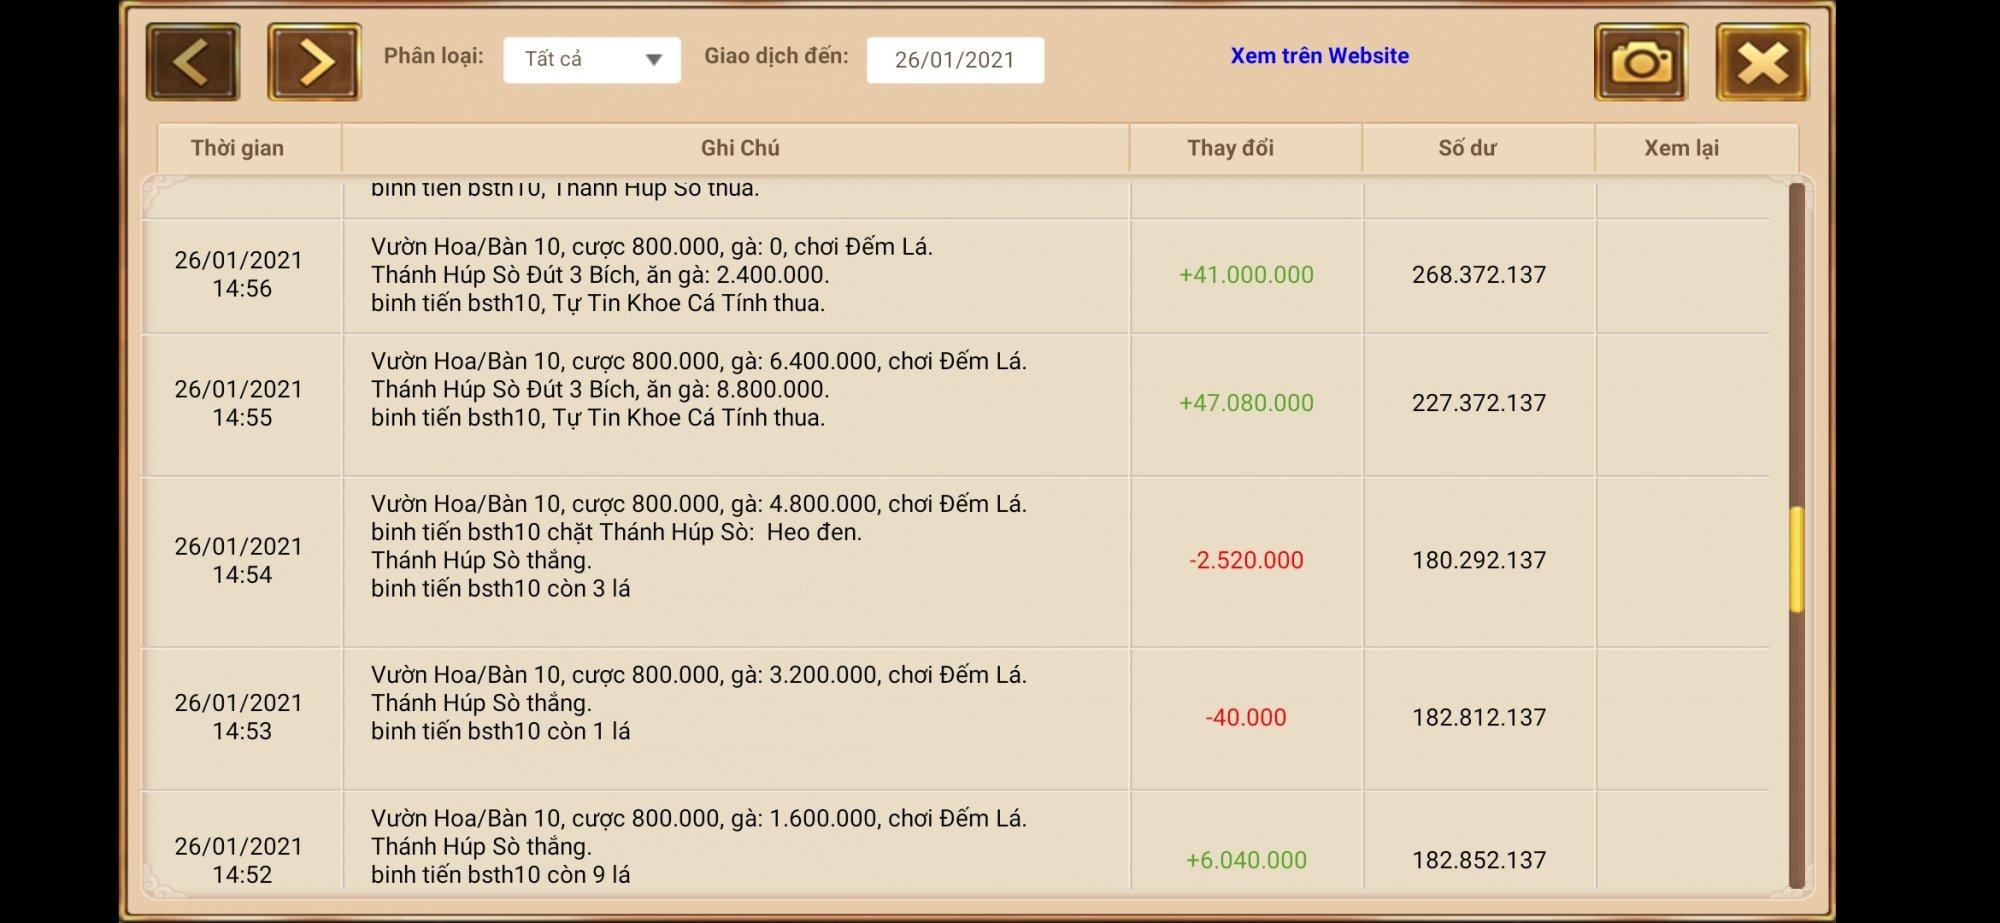 Screenshot_2021-01-26-15-16-20-093_com.vietsao.chandangian.